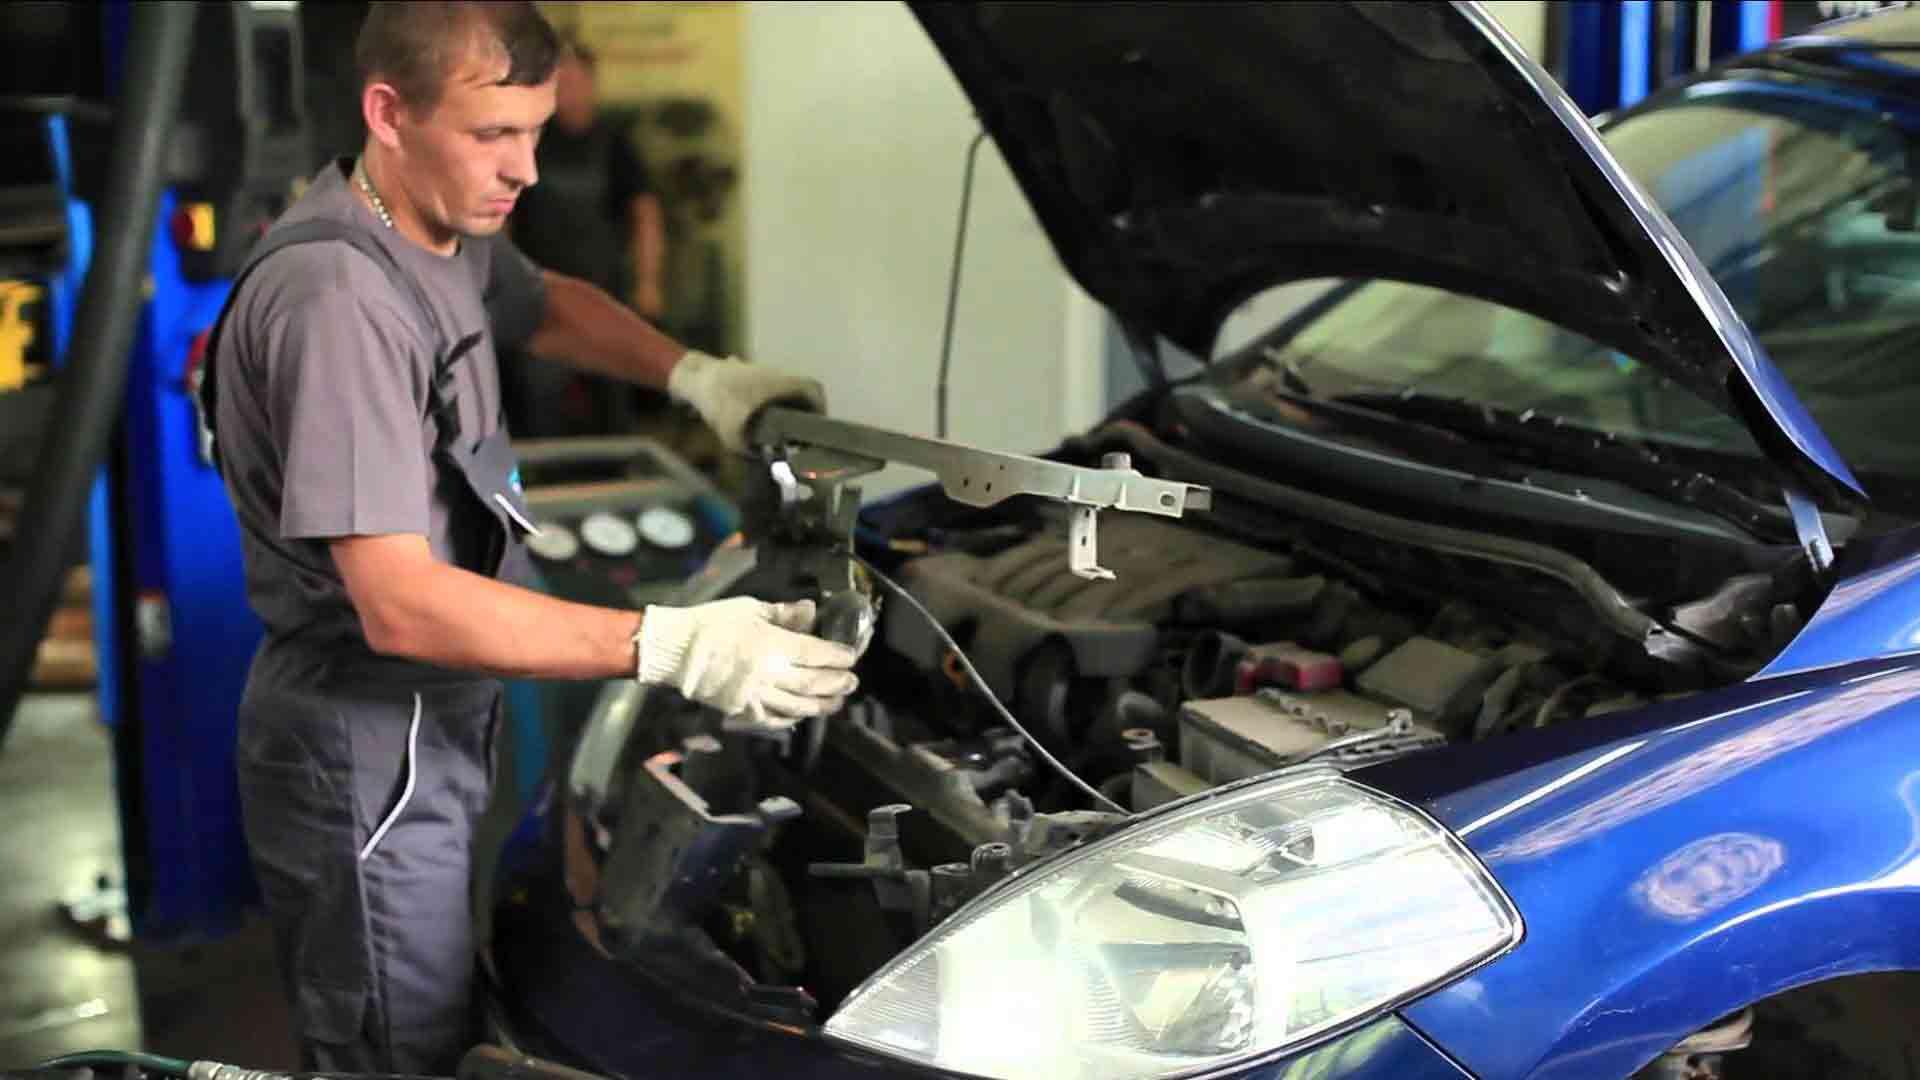 работник ремонтирует систему охлаждения автомобиля